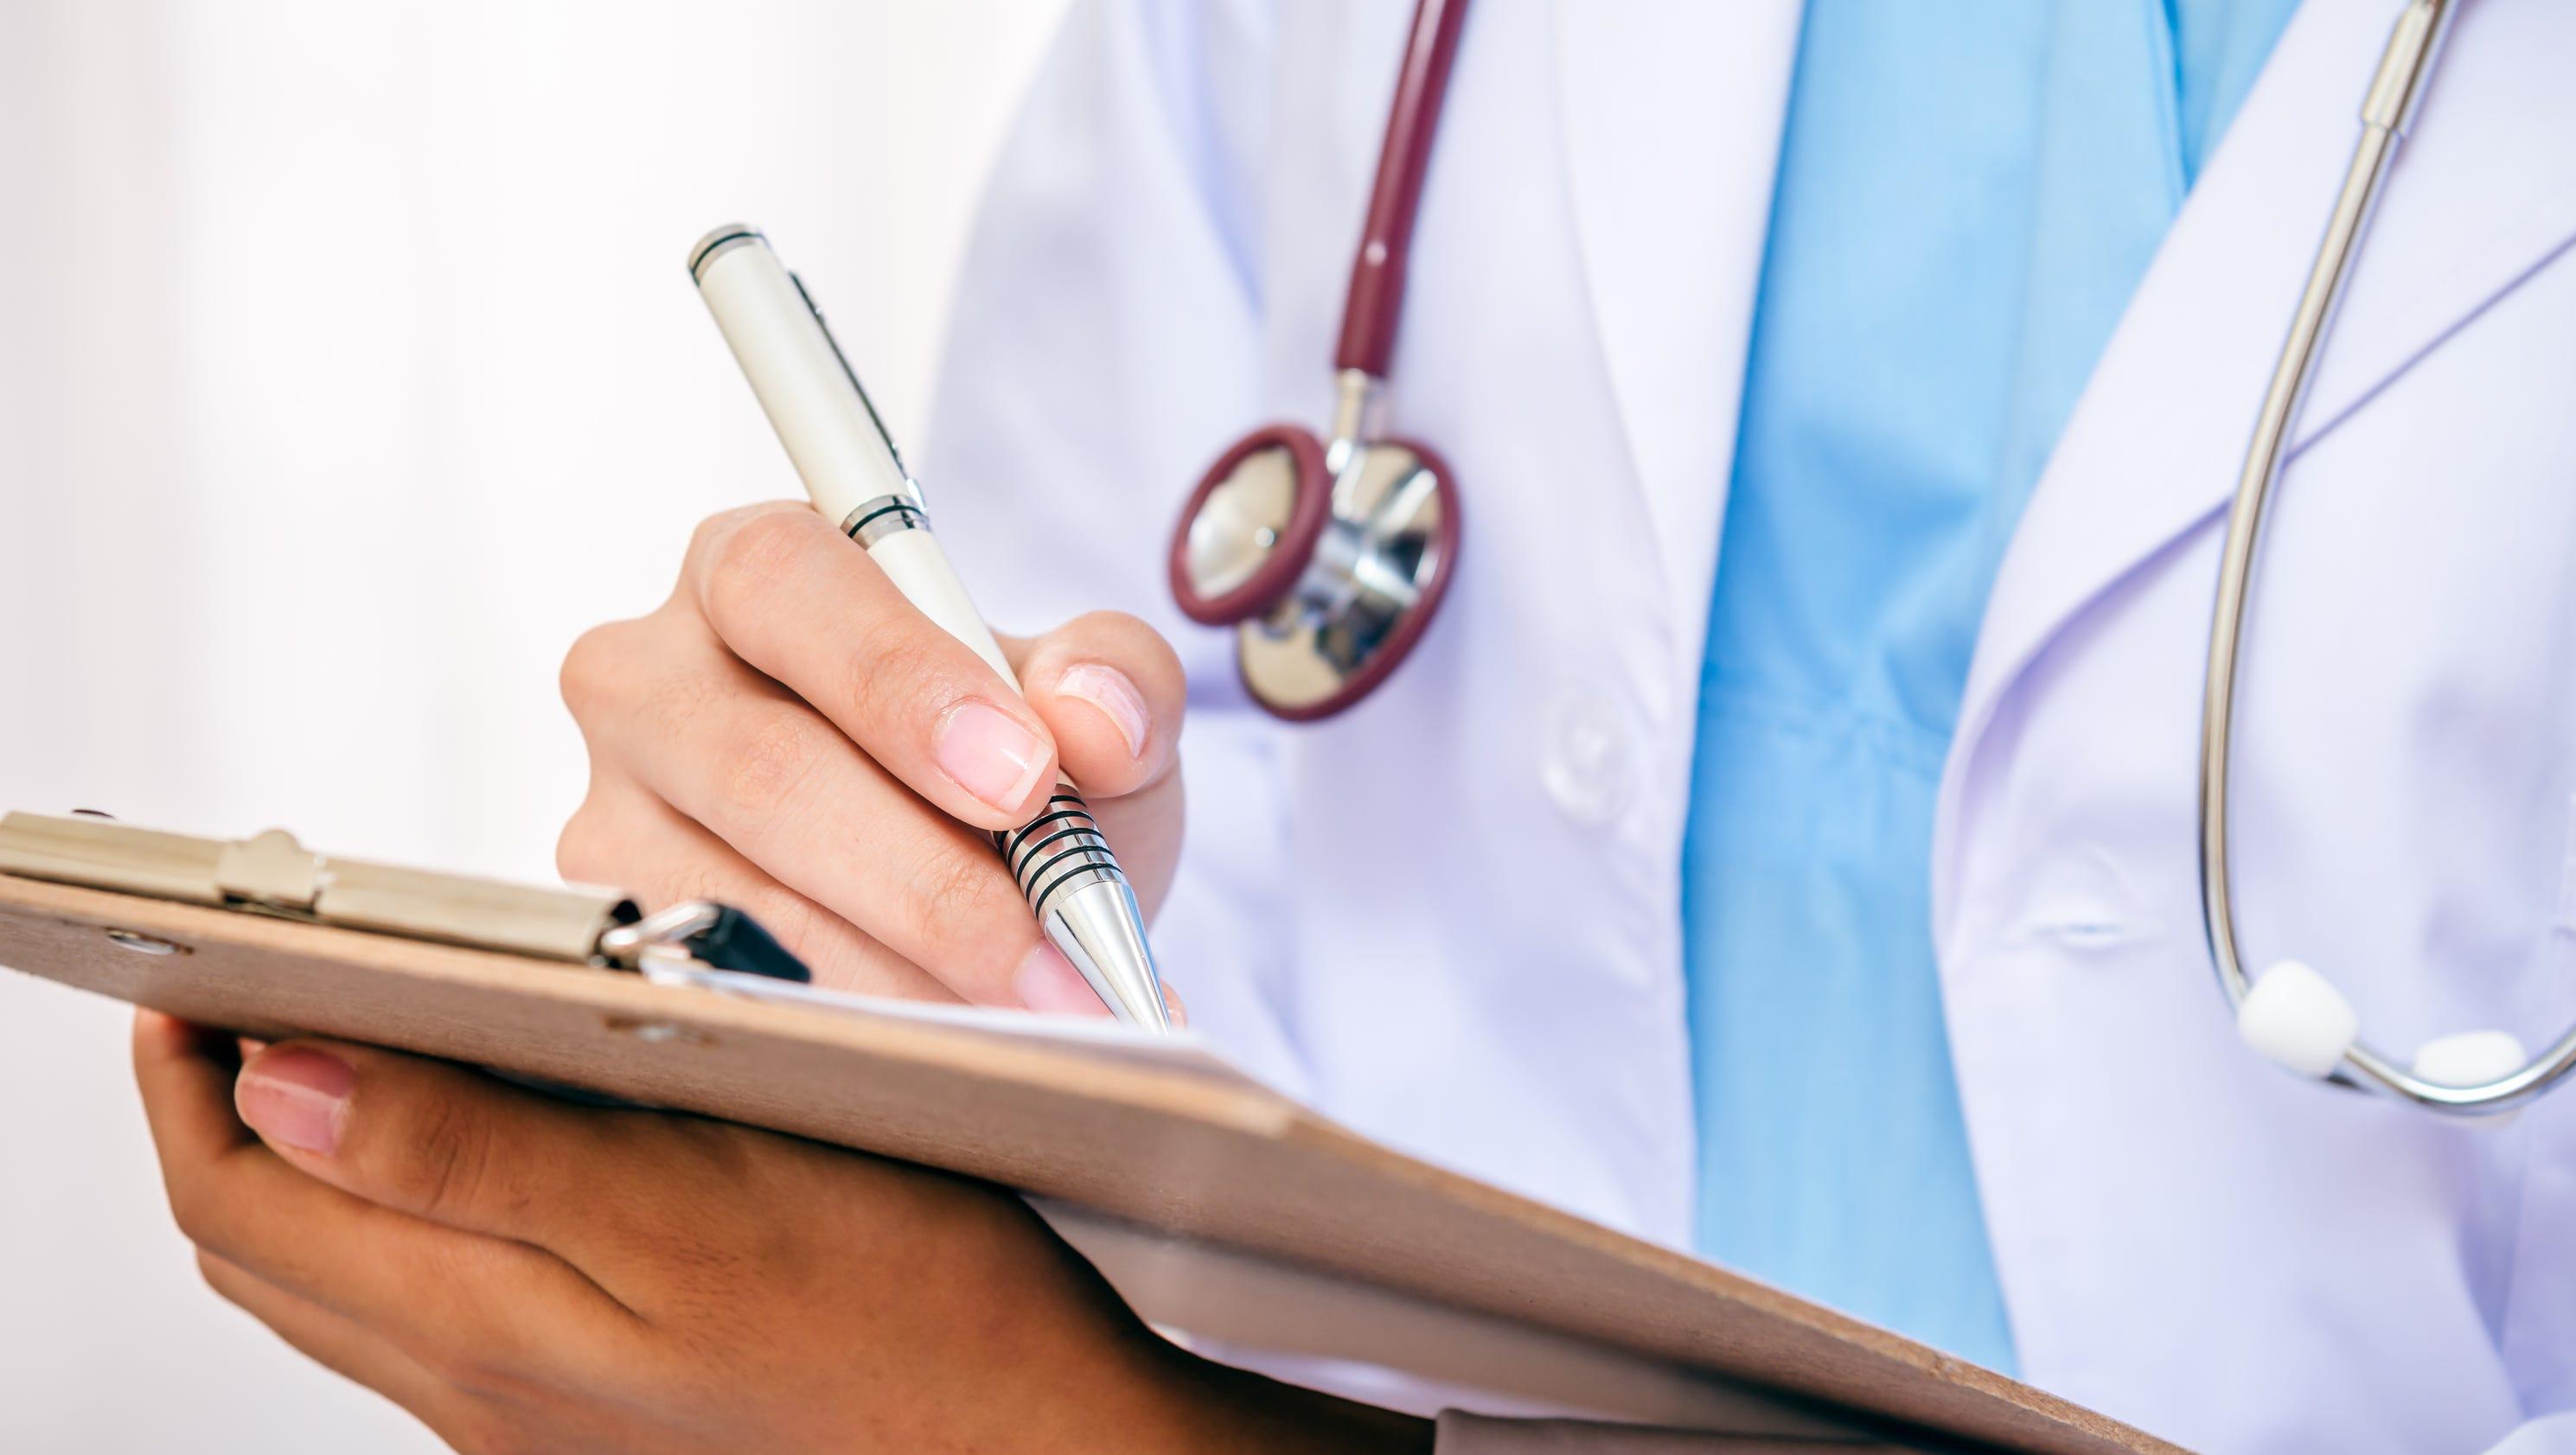 doctors fight advance practice nurses attempt at autonomy